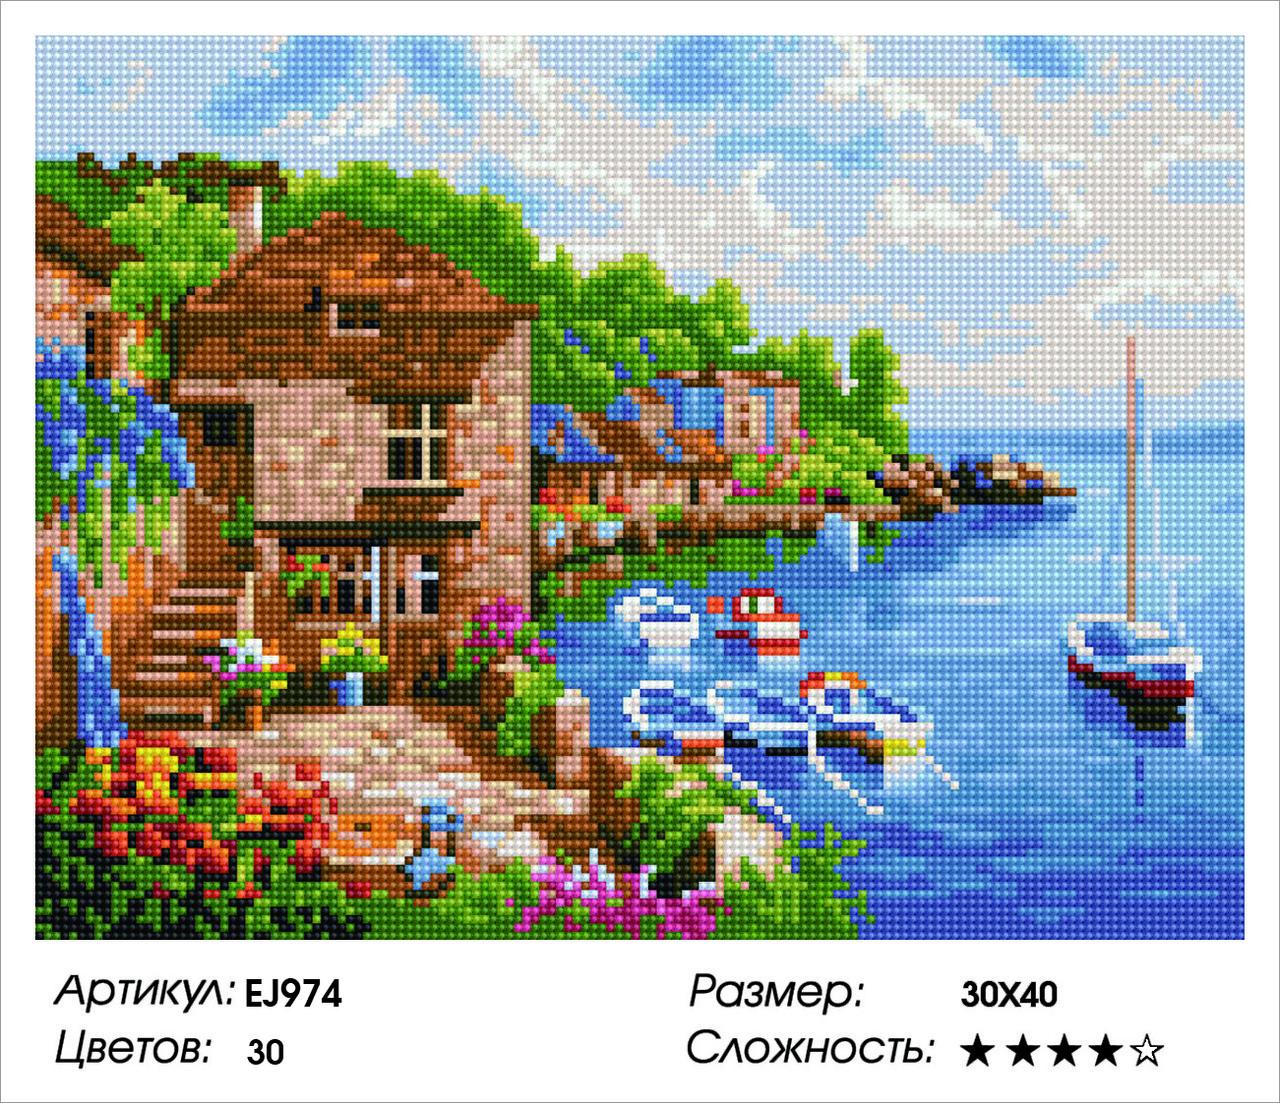 Алмазная живопись 30*40см. EJ974 Городская пристань Rainbow Art , алмазная мозайка